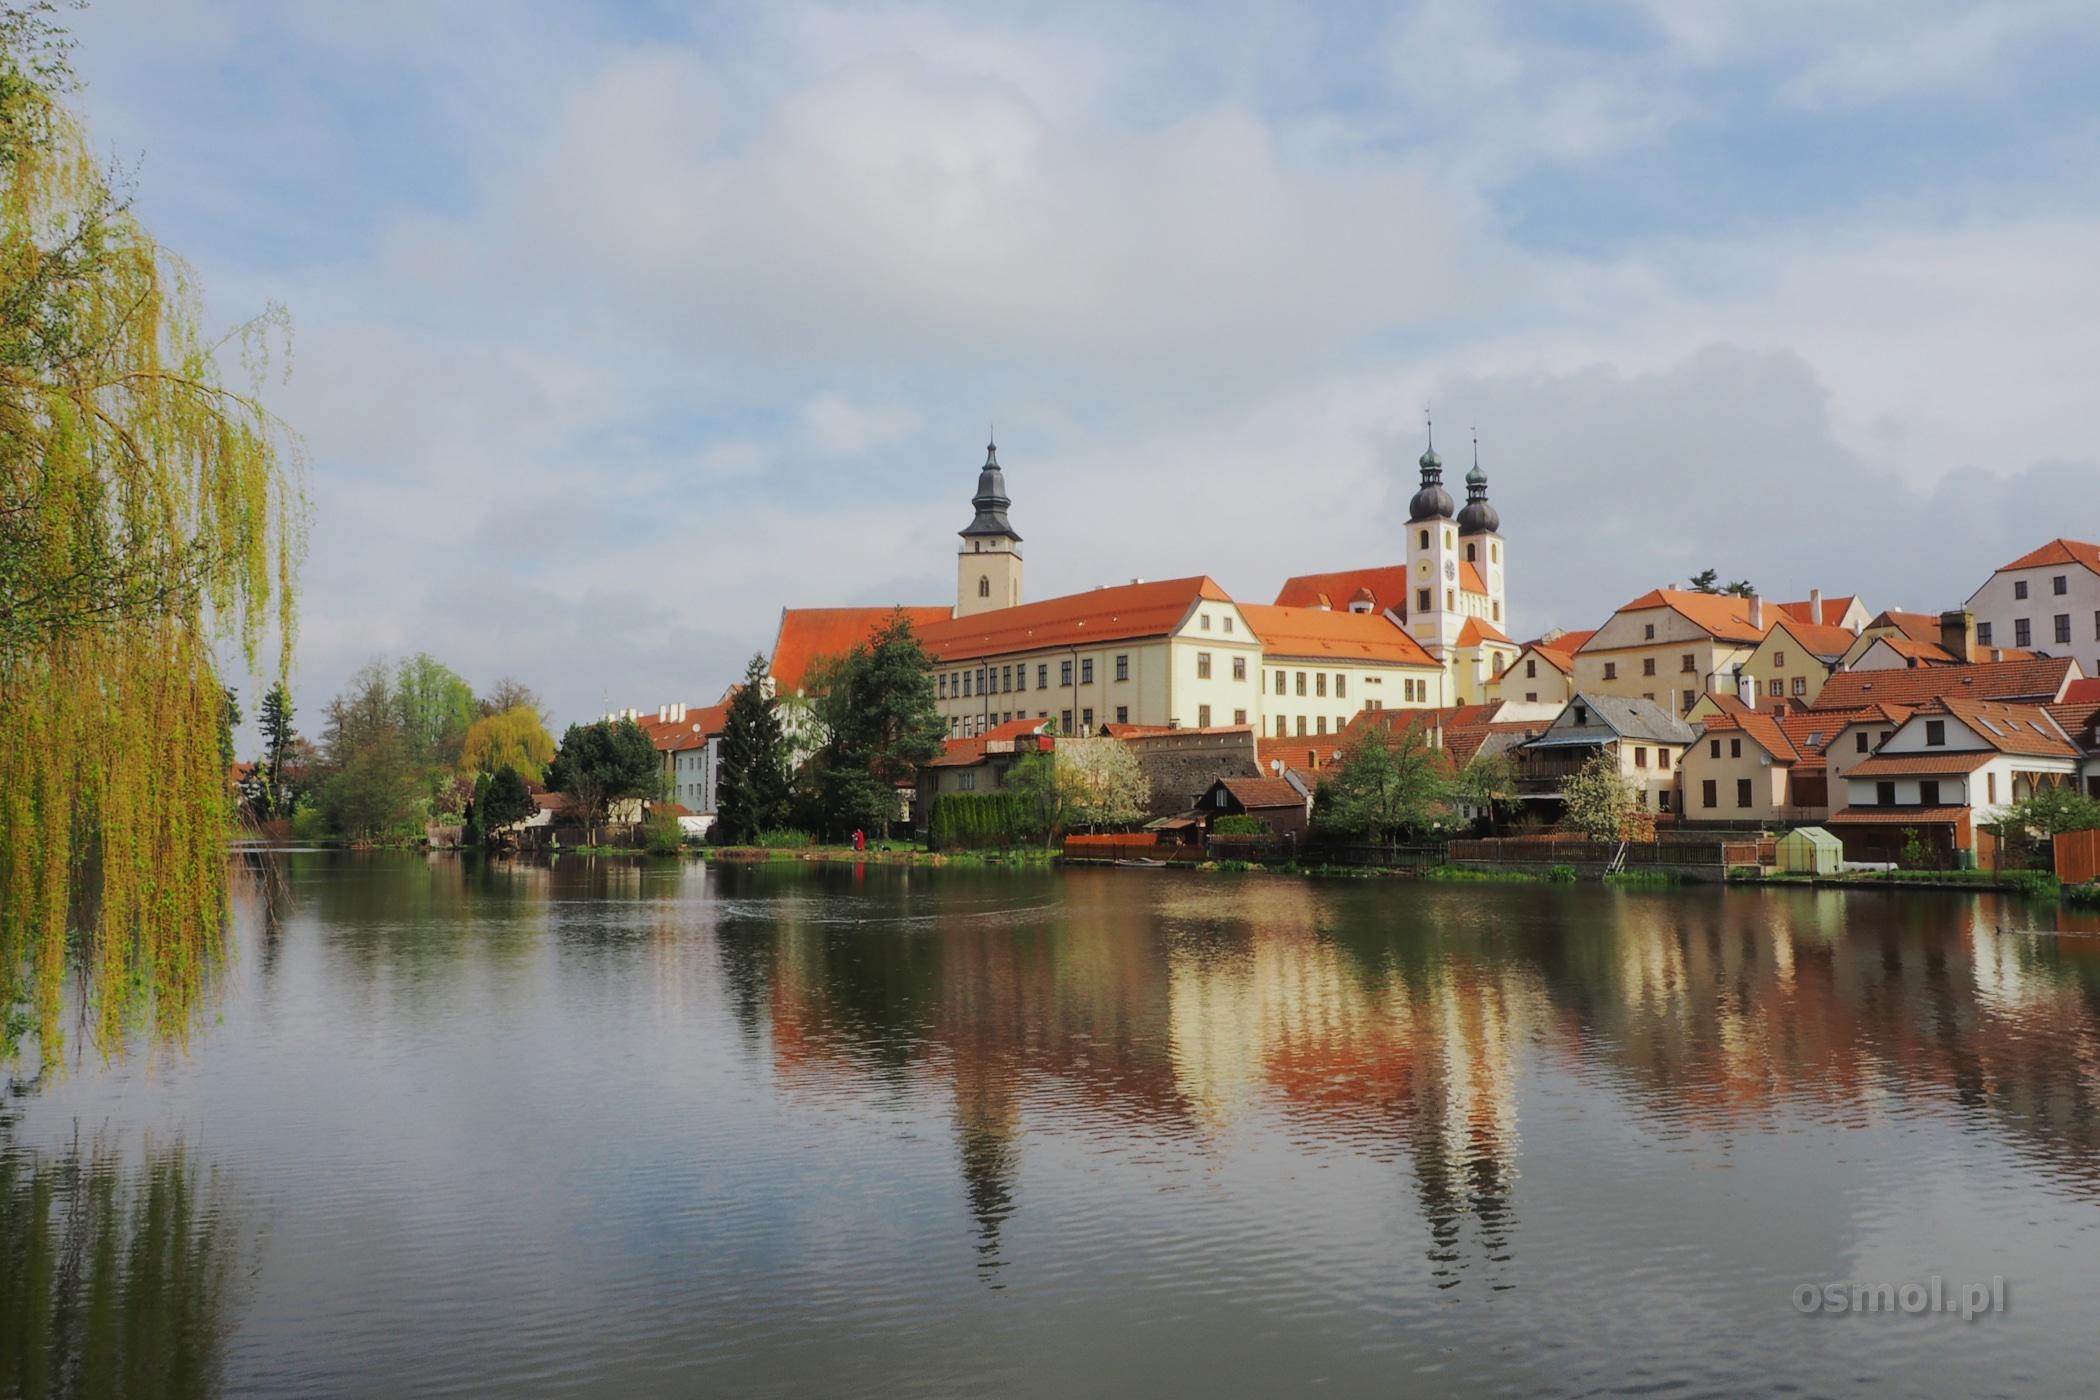 Telcz - widok na zamek znad jeziora w mieście